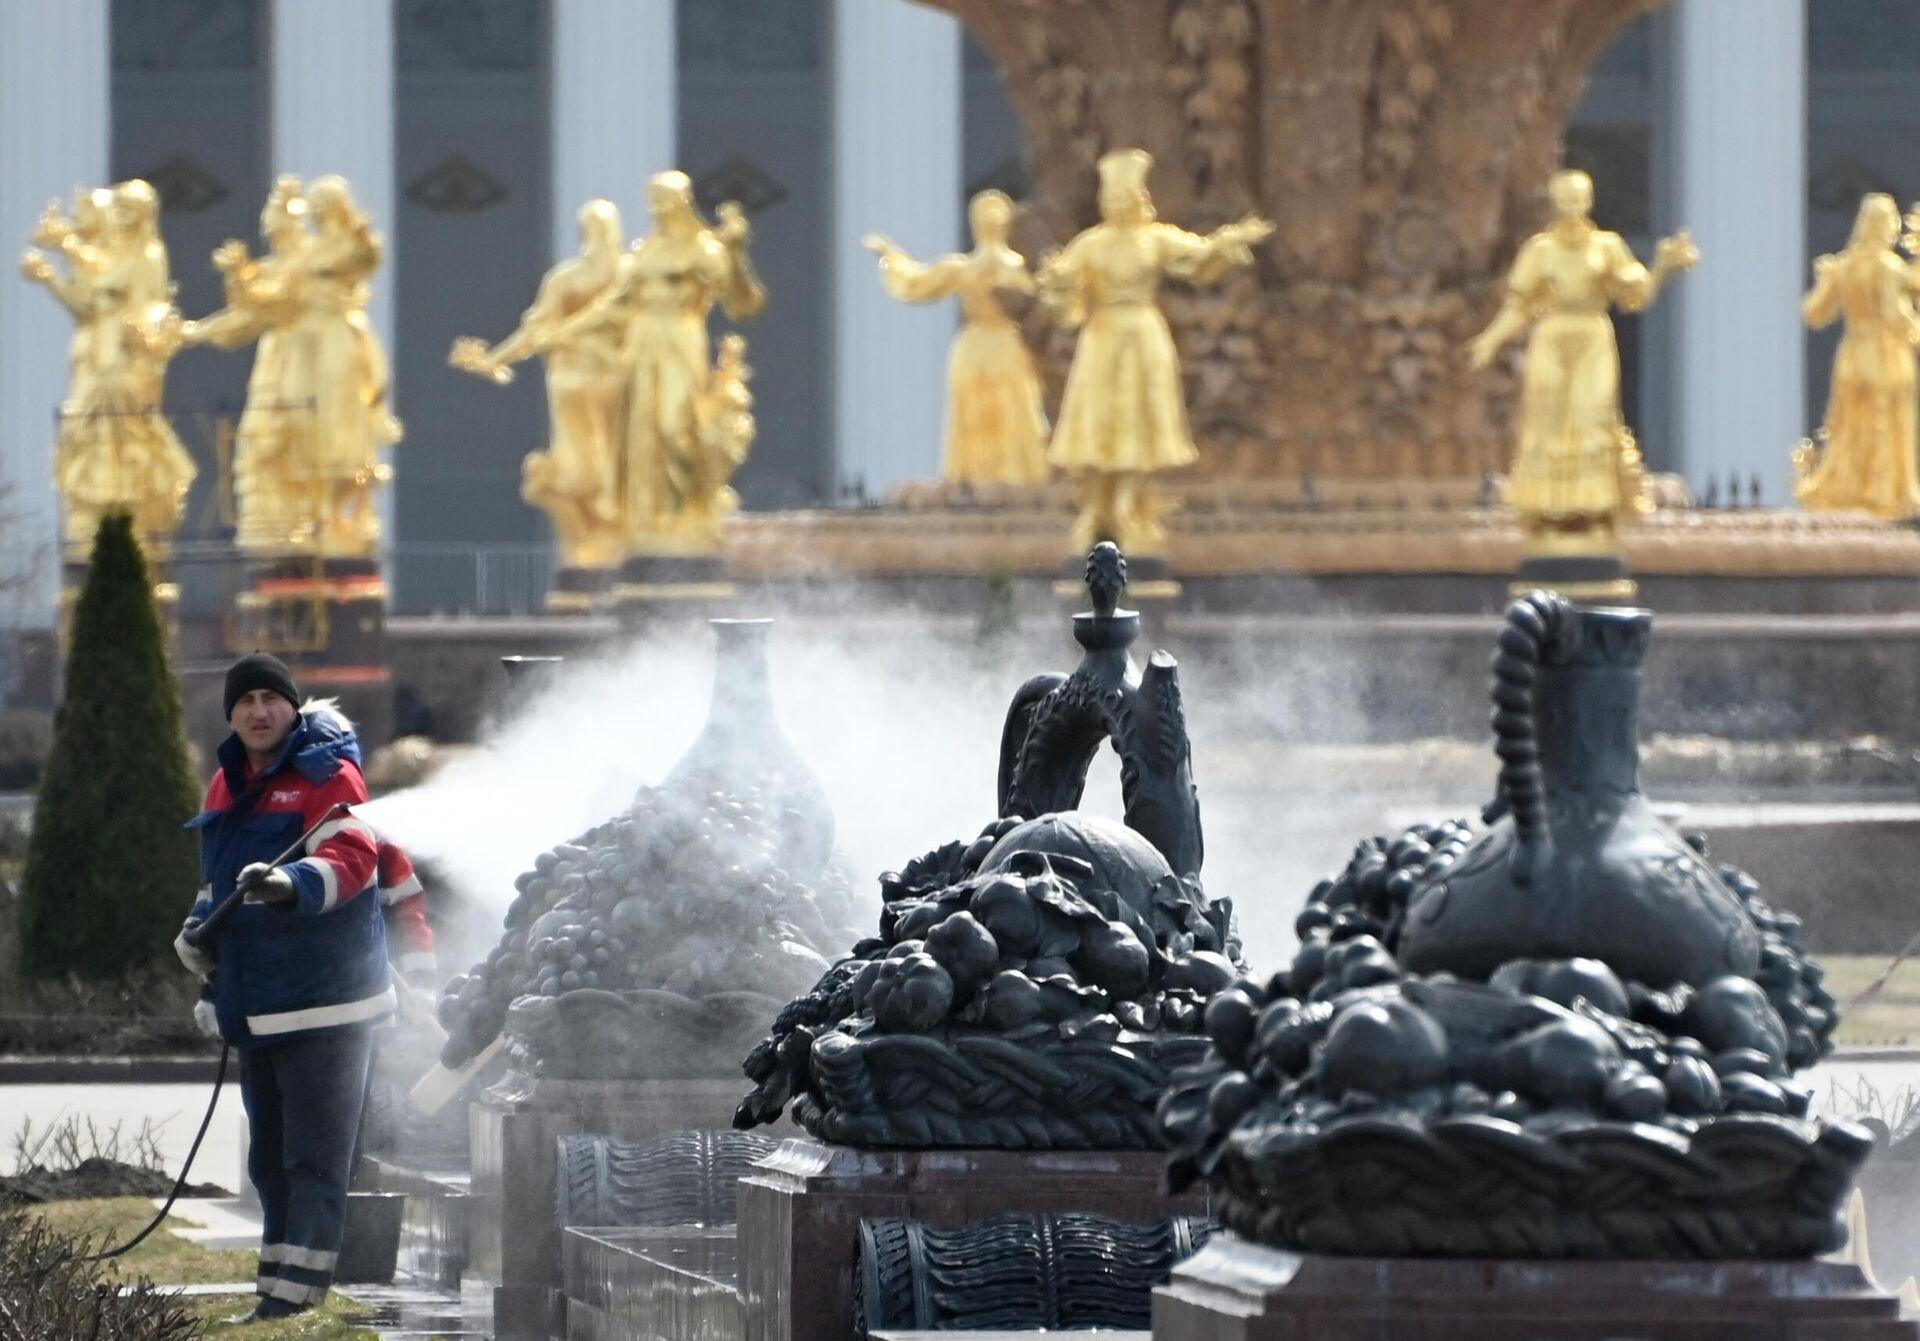 Работник моет скульптурную композицию у фонтана Каменный цветок на ВДНХ - РИА Новости, 1920, 28.05.2021